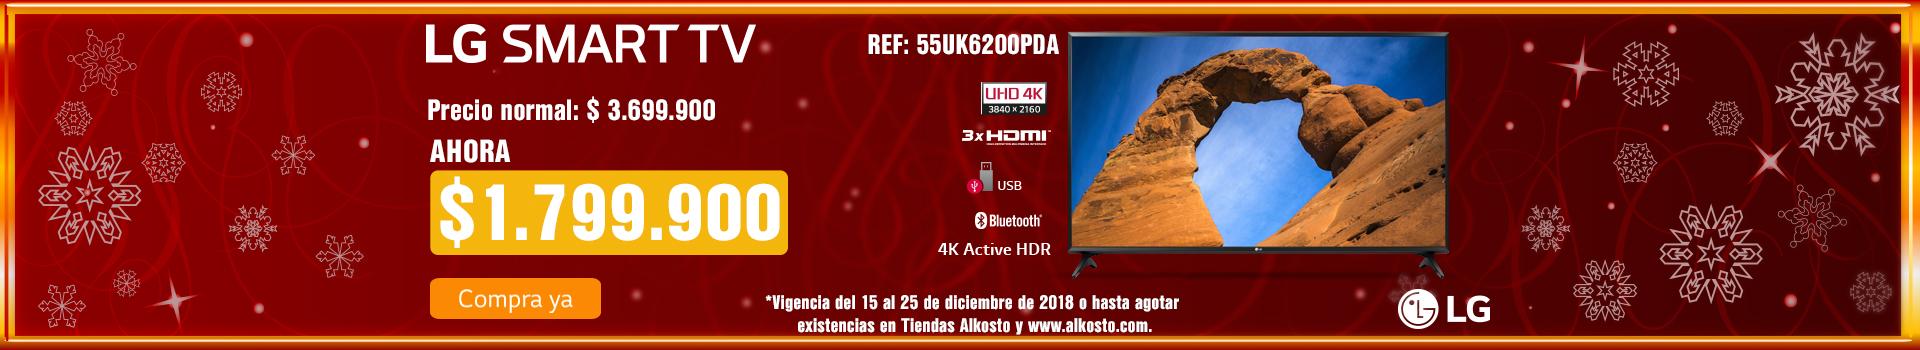 AK-KT-BCAT-0-TV-PP-LG-55UK6200-DICIEMBRE-8